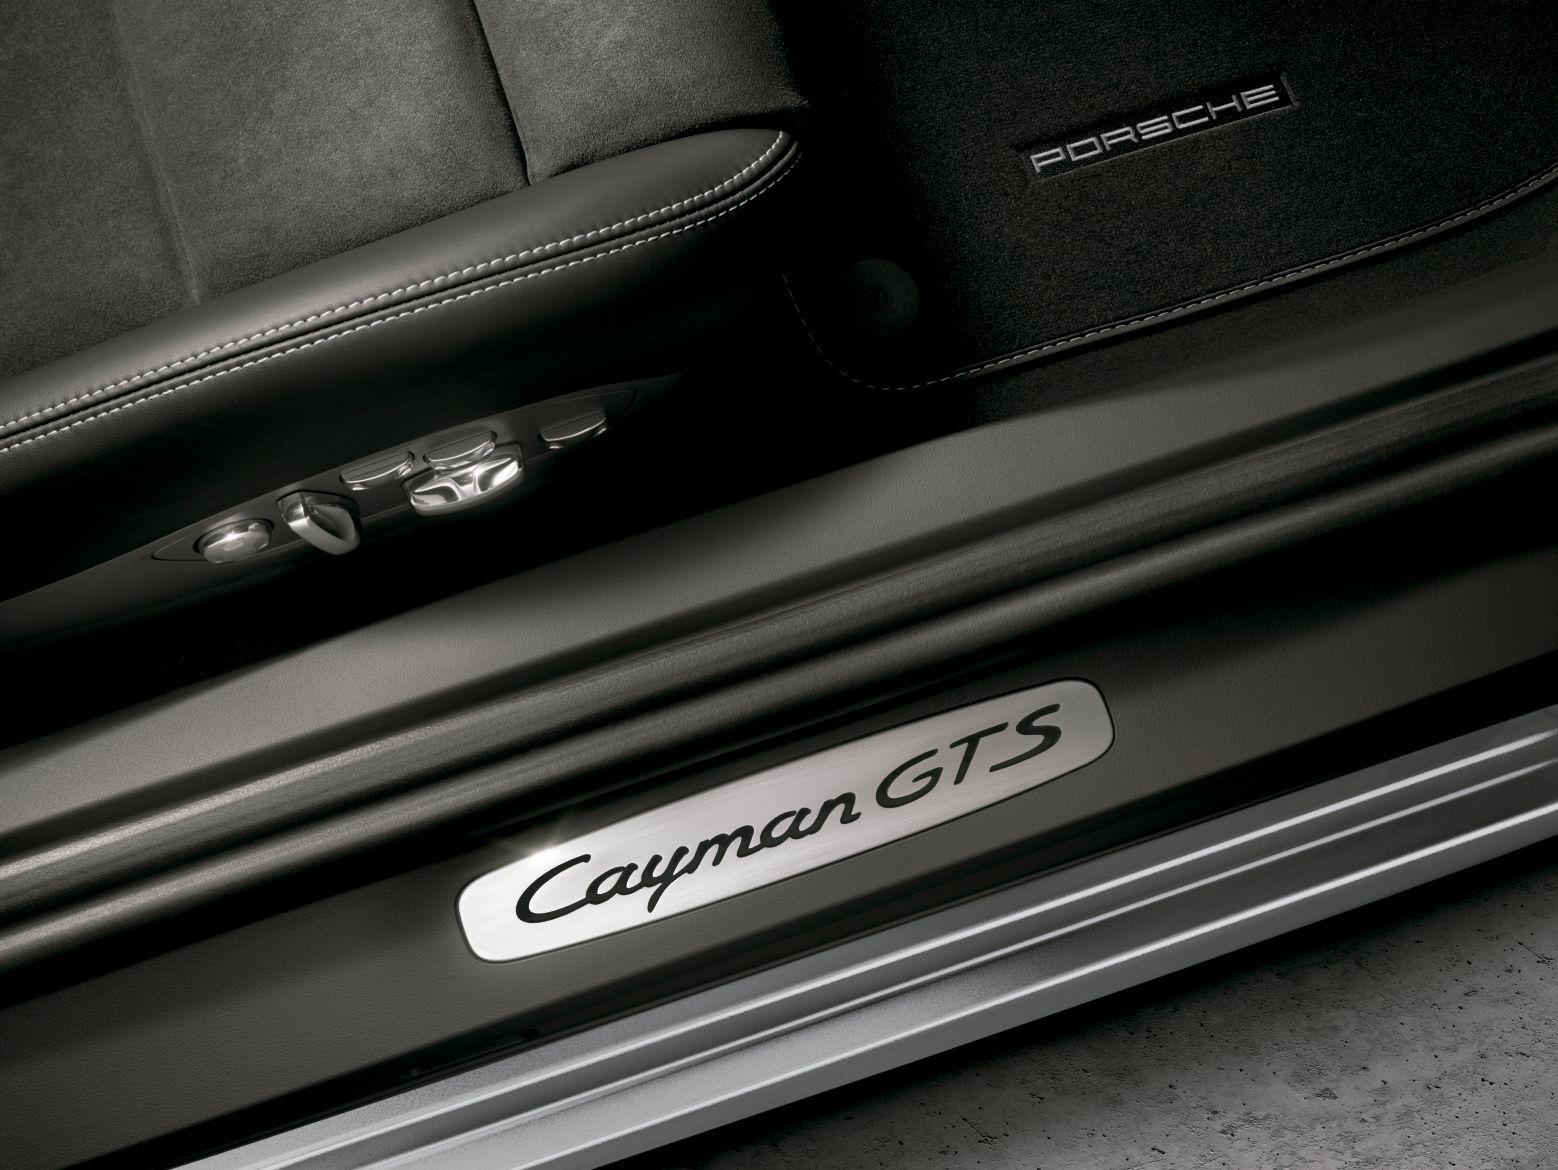 El anagrama «Cayman GTS» en las molduras de acceso de las puertas no es más que el principio. El interior integra perfectamente al conductor en el vehículo. La consola central ascendente mantiene corta la distancia entre el volante SportDesign de serie y la palanca de cambio o selectora: algo típico en el automovilismo deportivo.